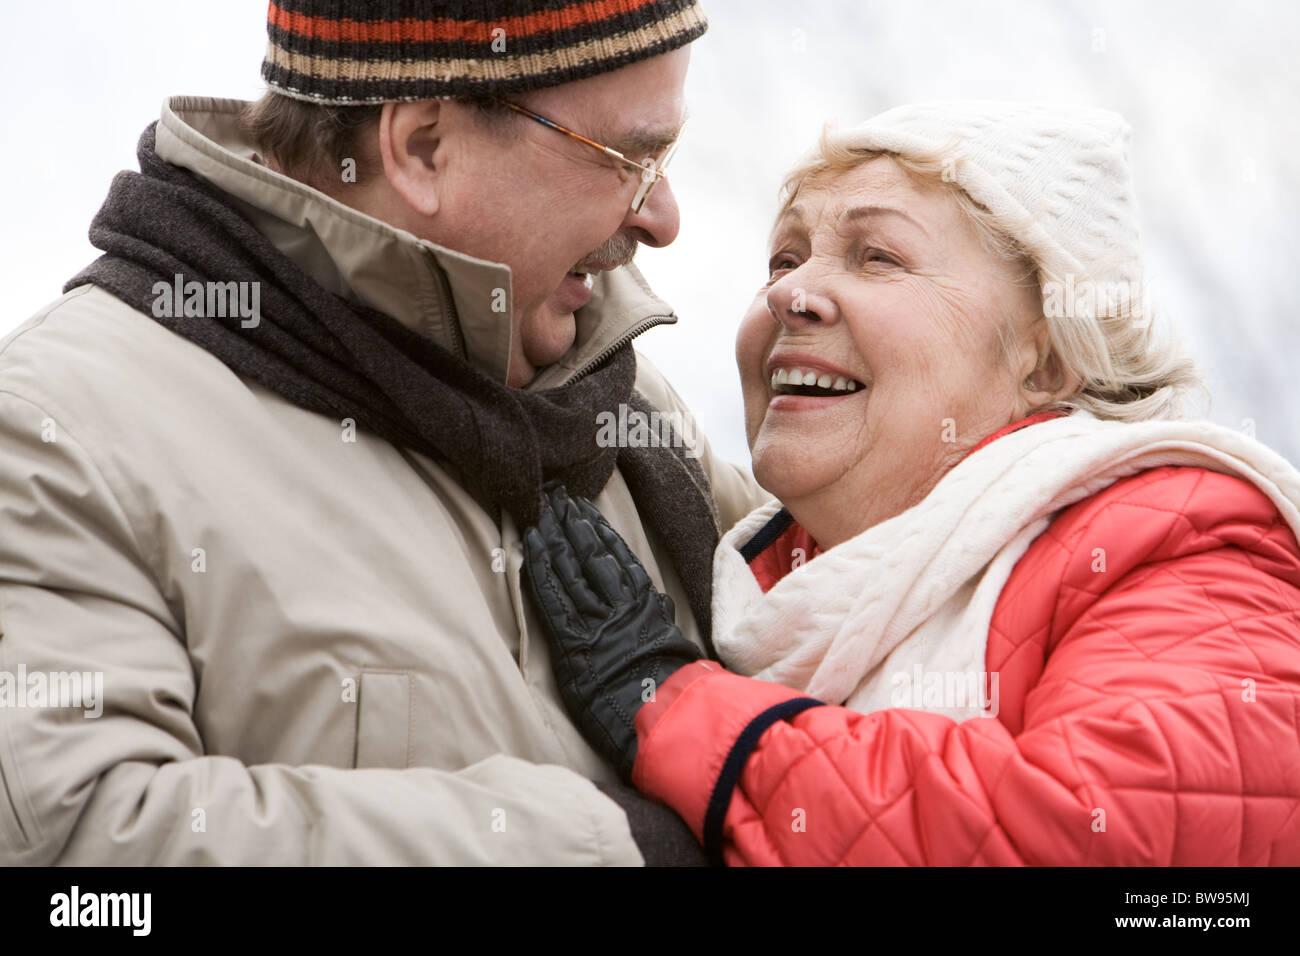 Retrato de felices compañeros mirarse con sonrisas Imagen De Stock